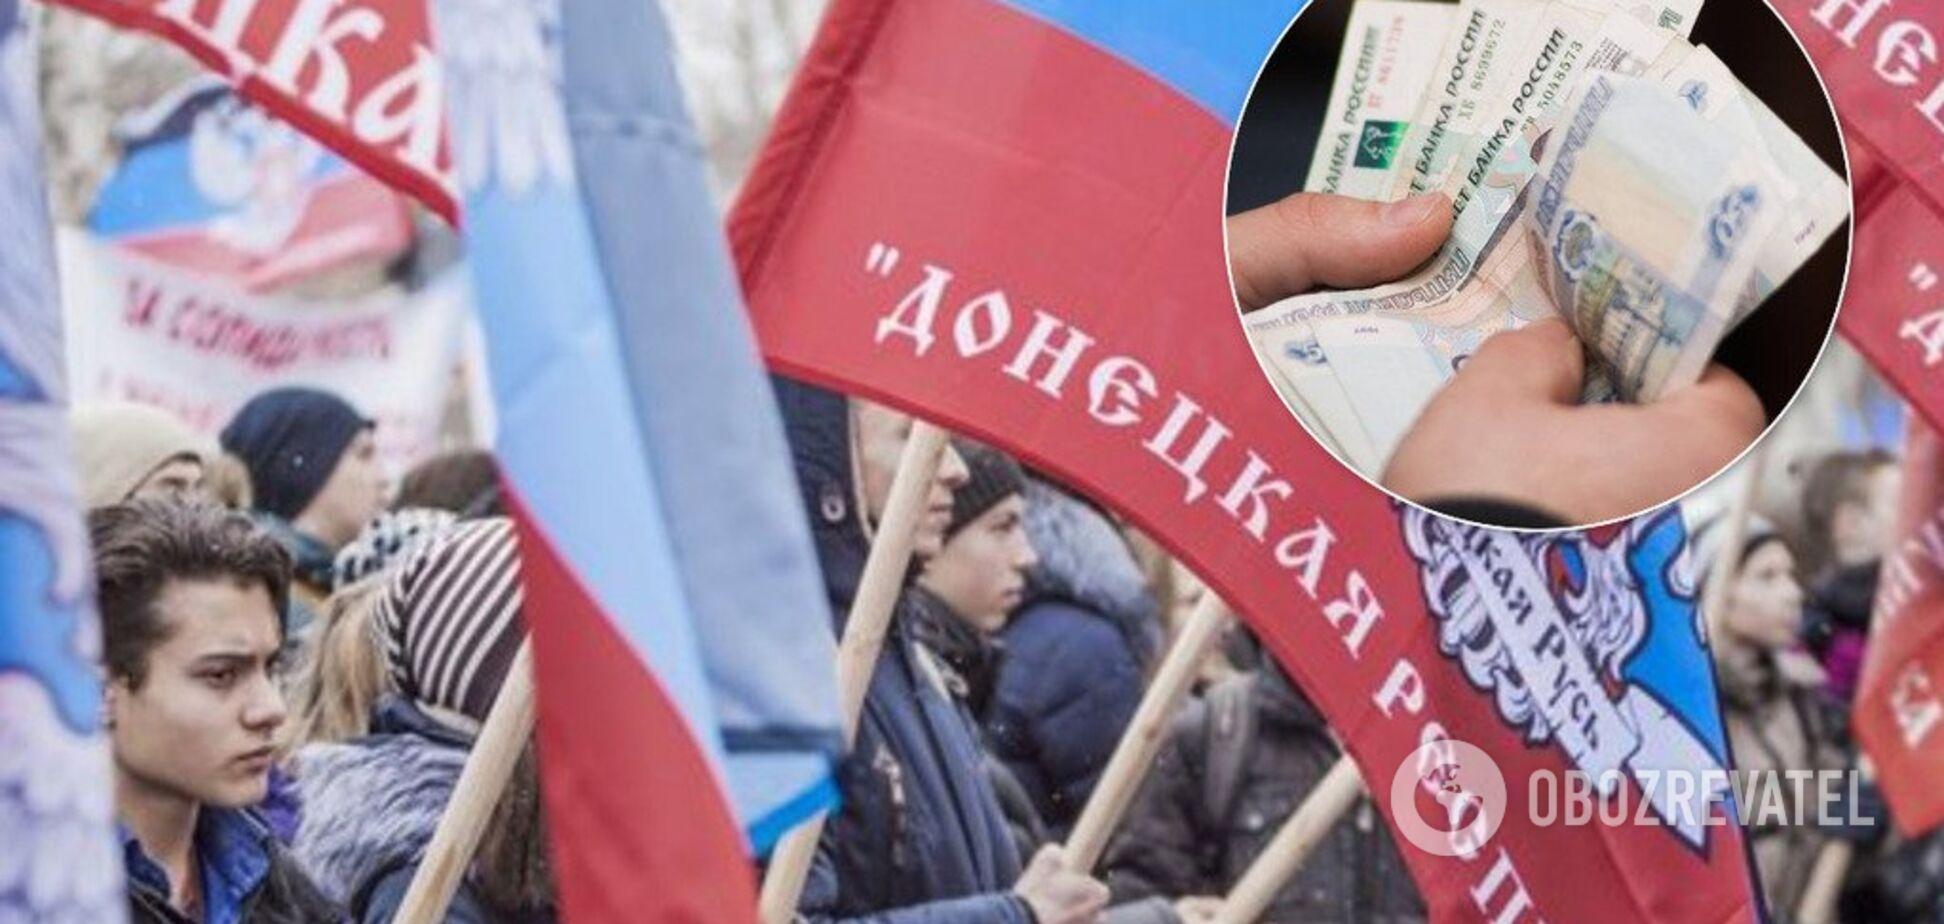 'Грабують місцеве населення!' Окупанти позбавили жителів Донбасу зарплат